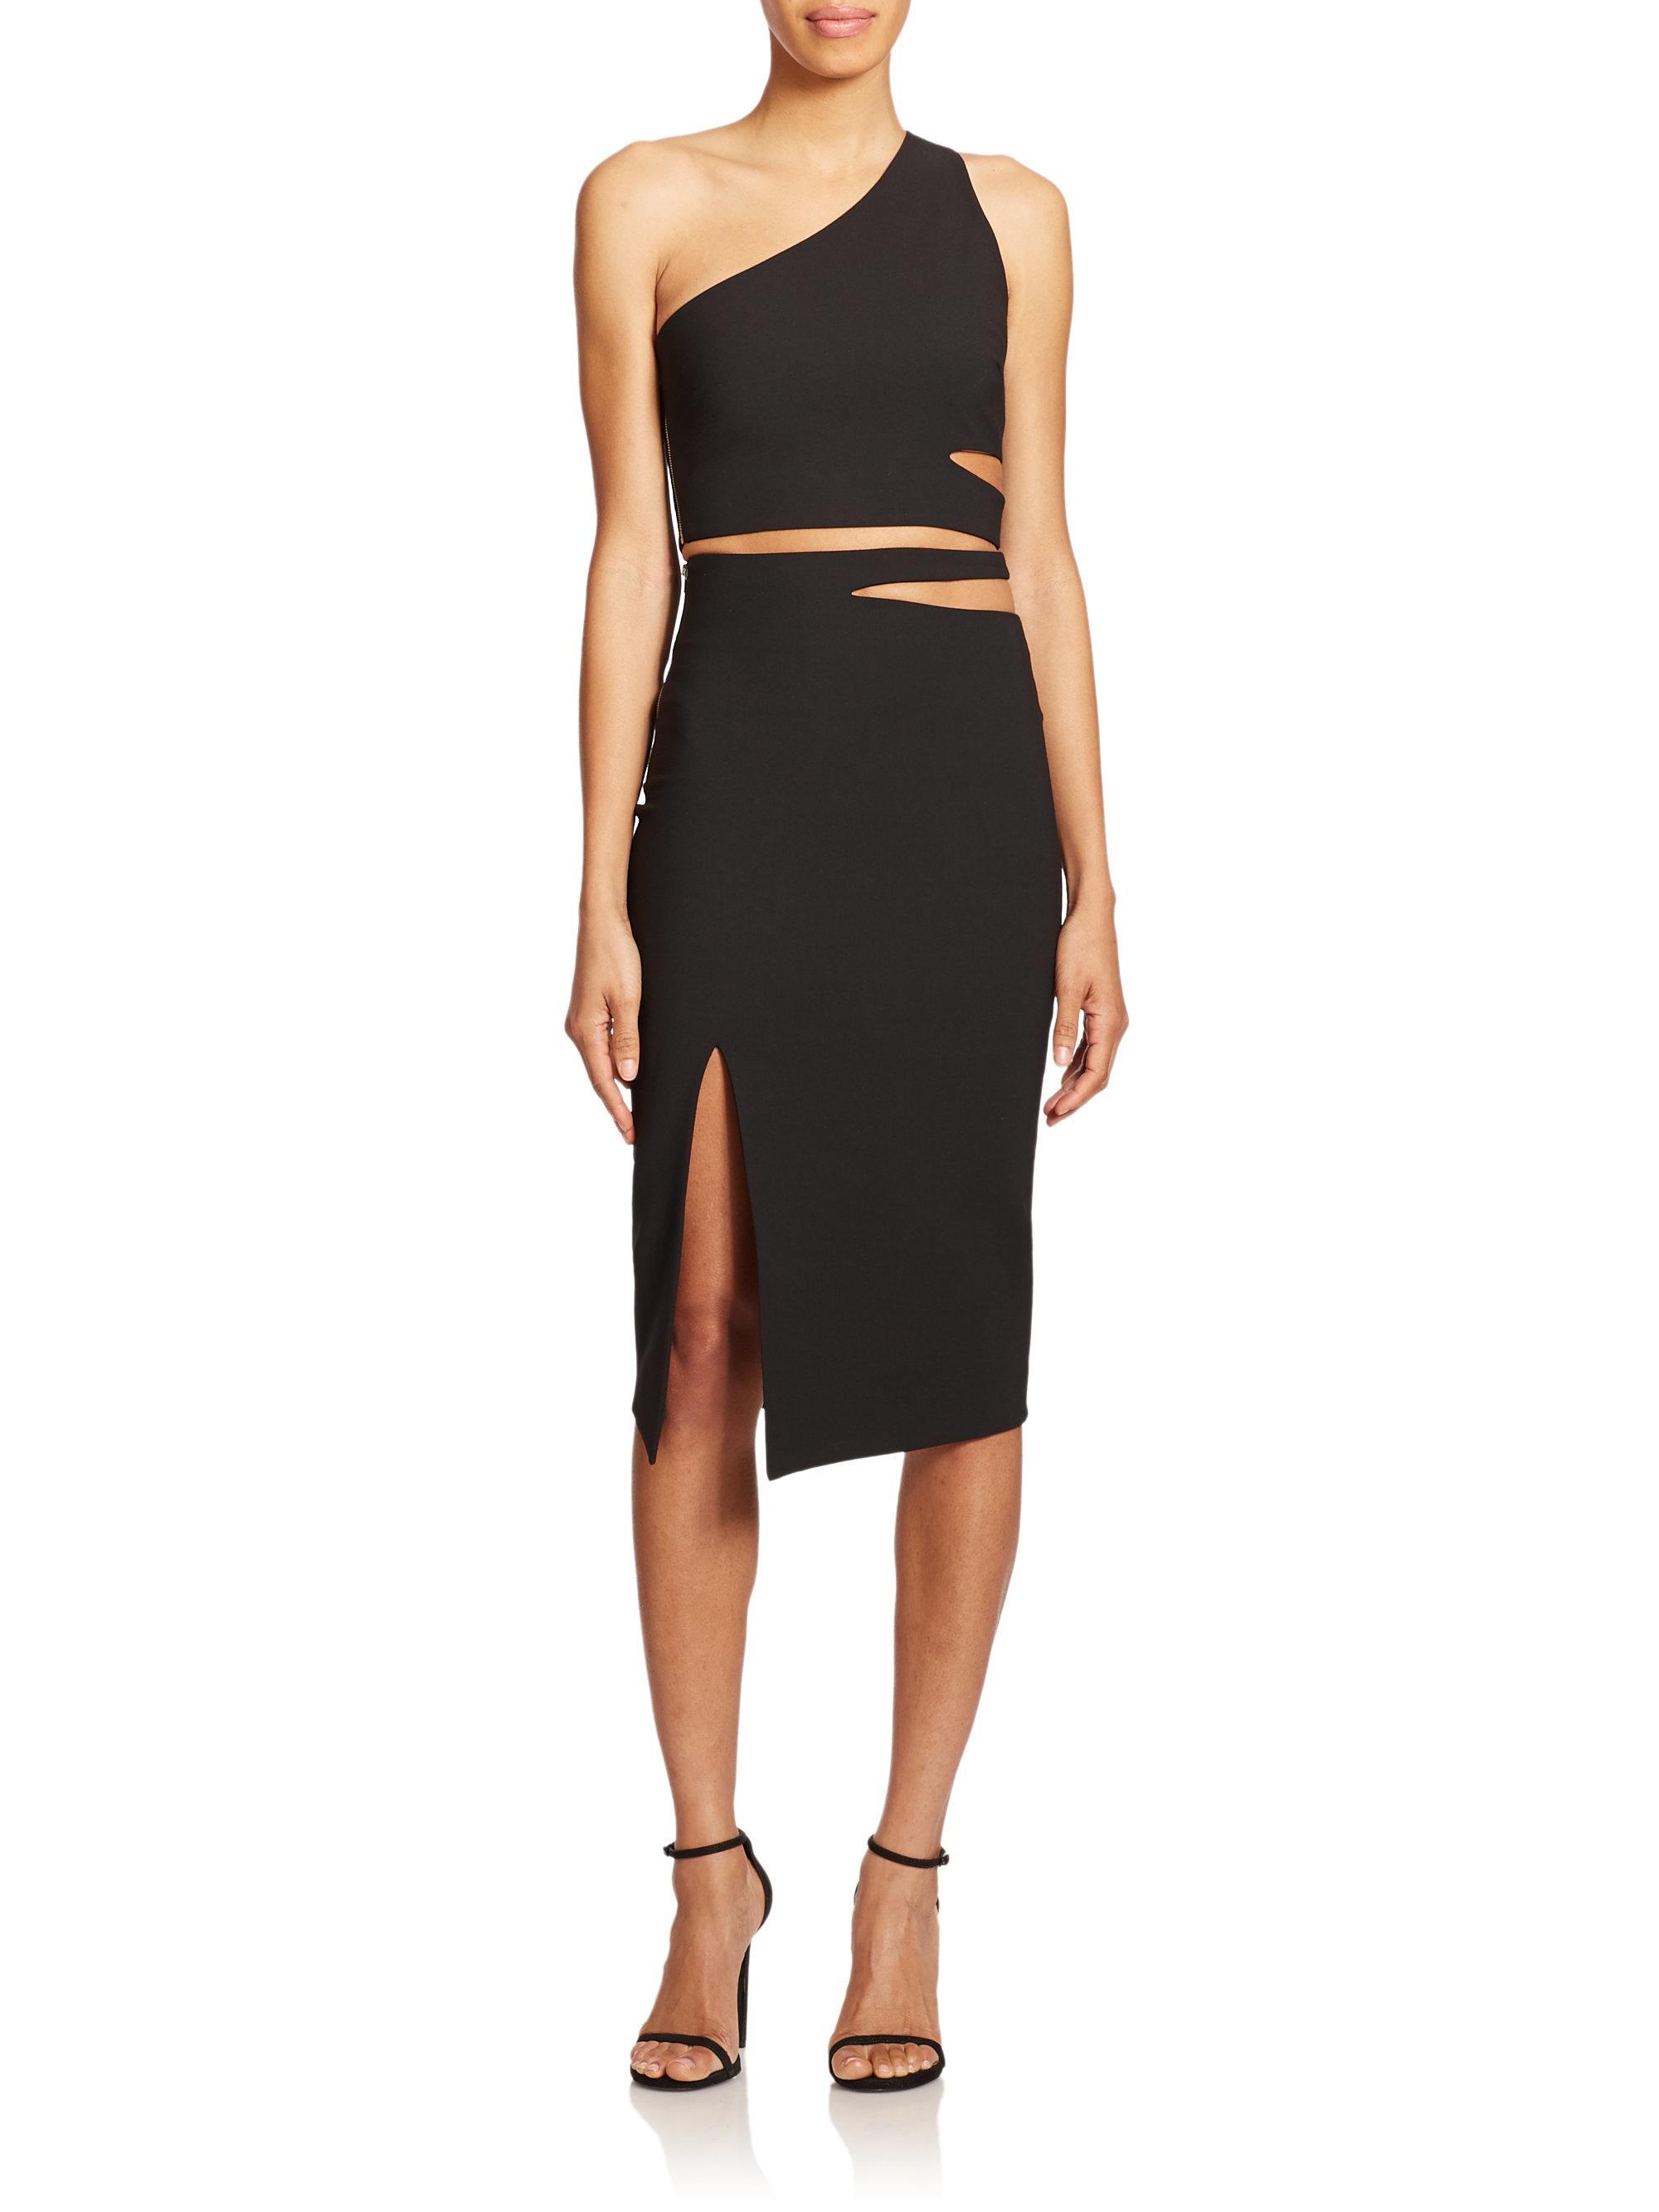 lyst elizabeth and james perla skirt in black. Black Bedroom Furniture Sets. Home Design Ideas